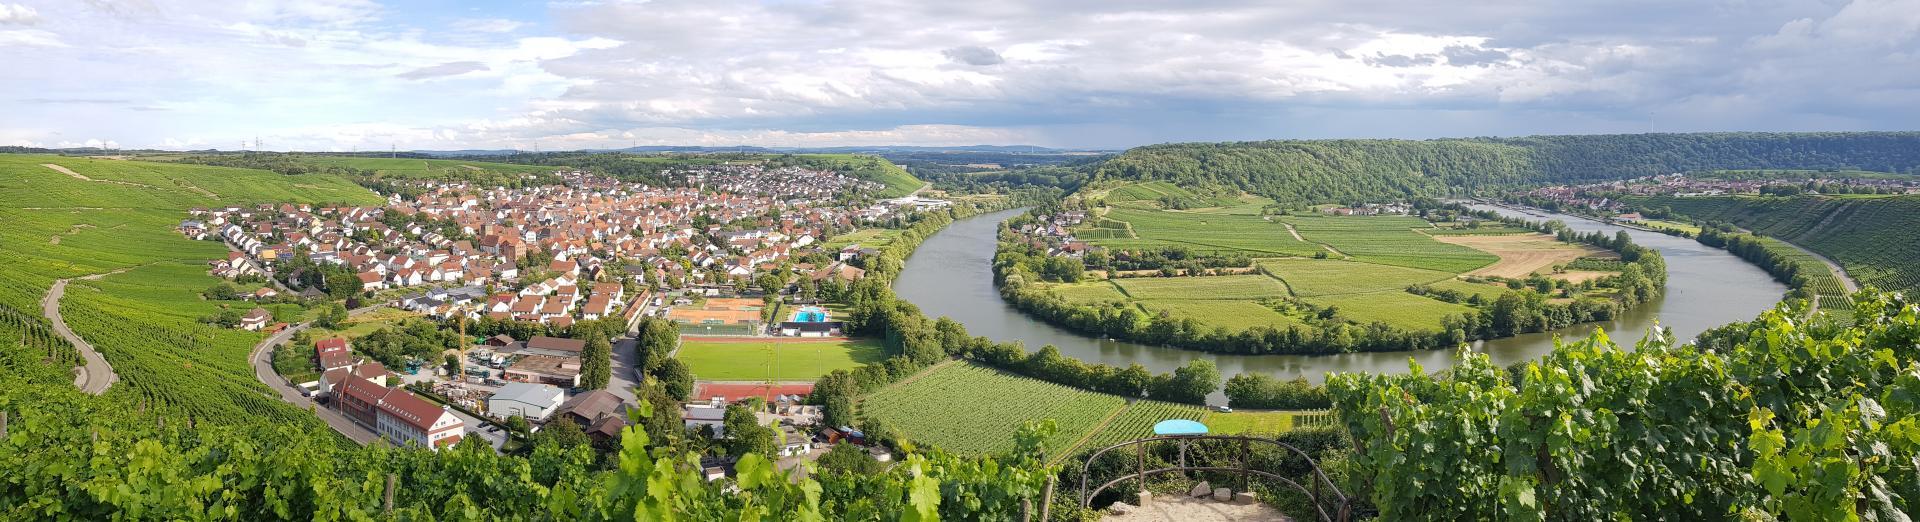 Blick auf Mundelsheim und die Neckarschlaufe